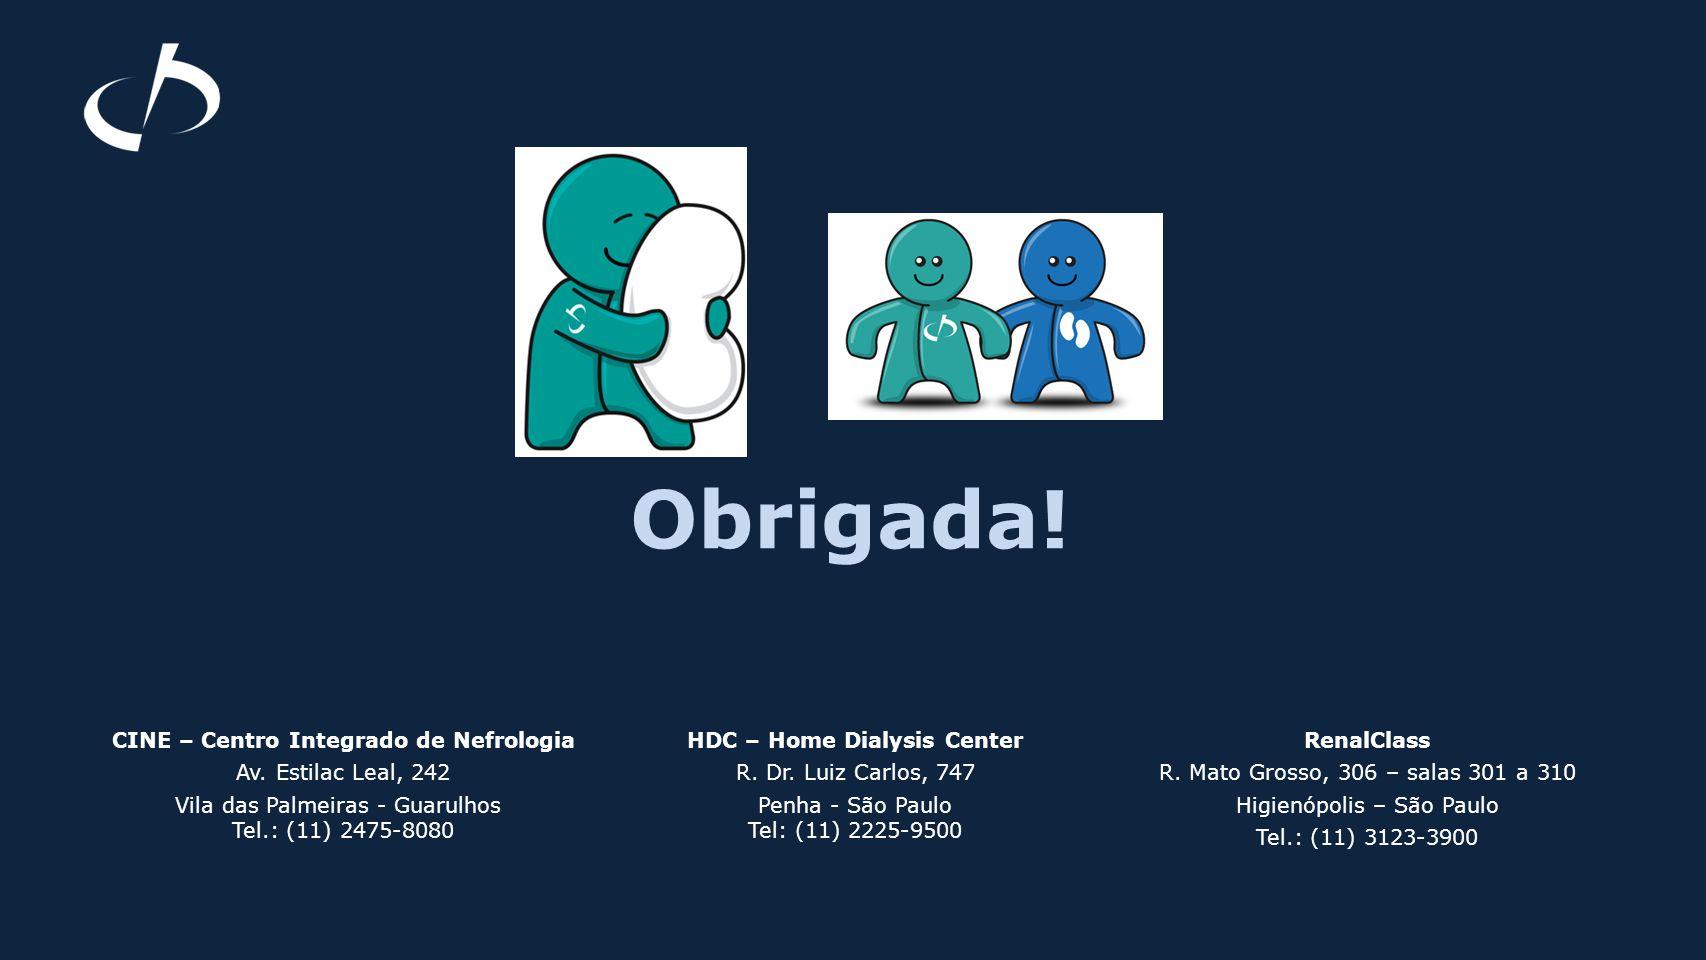 Obrigada! CINE – Centro Integrado de Nefrologia Av. Estilac Leal, 242 Vila das Palmeiras - Guarulhos Tel.: (11) 2475-8080 HDC – Home Dialysis Center R